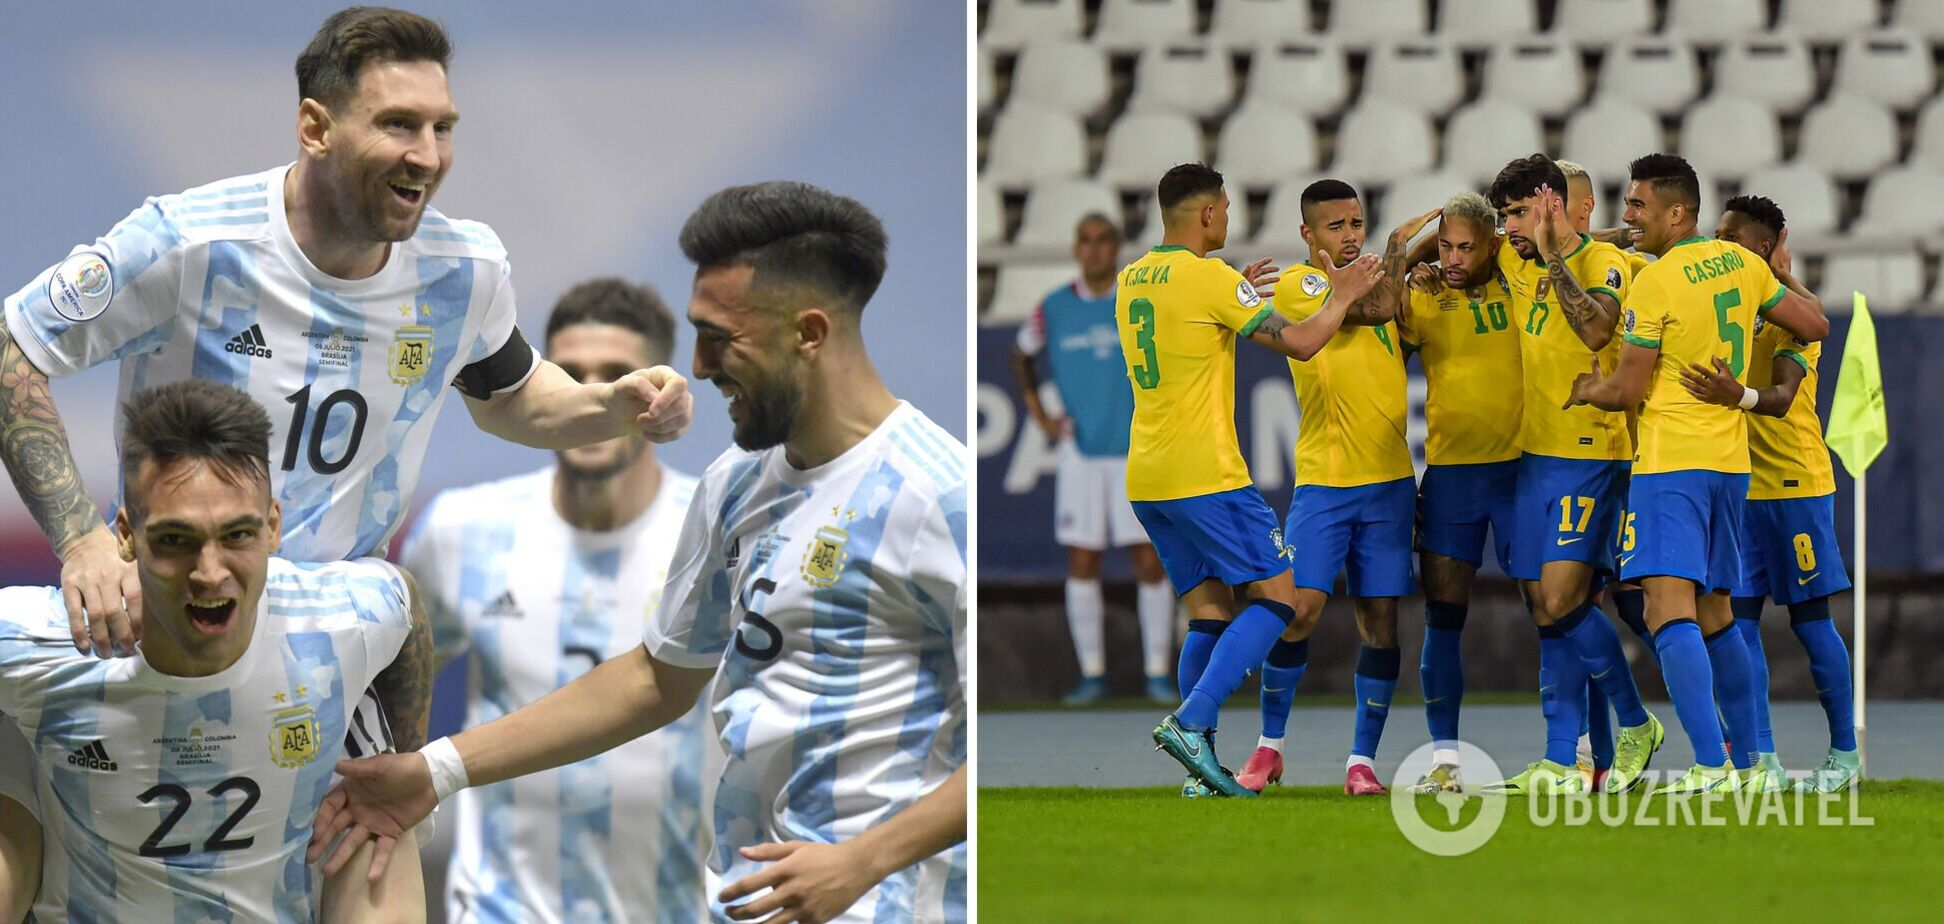 Аргентина Бразилія де дивитися фінал Кубка Америки